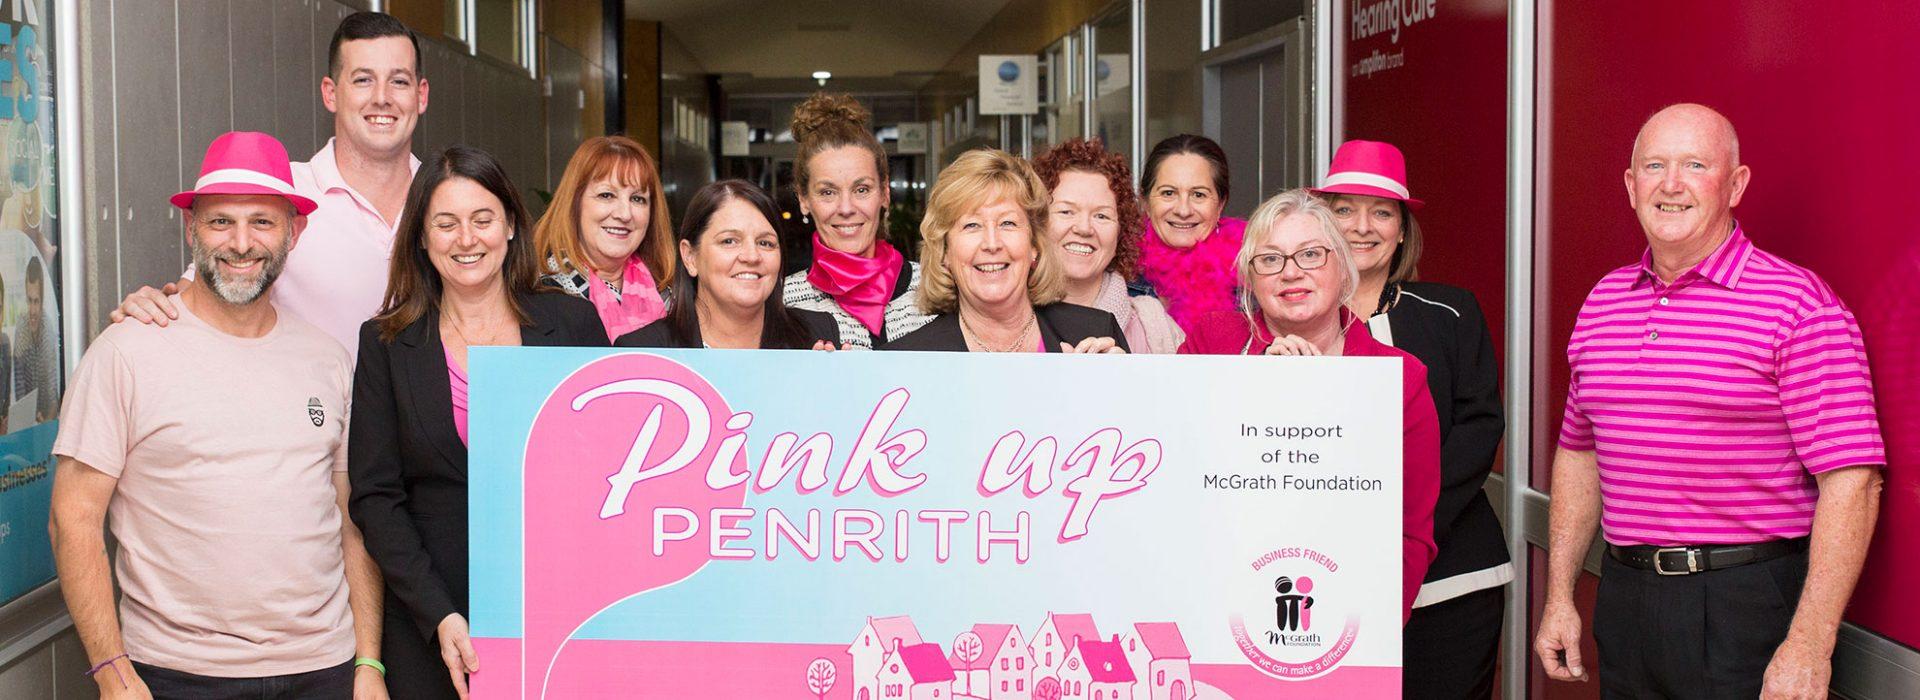 Pink-Up-Penrith_Penrith_CBD